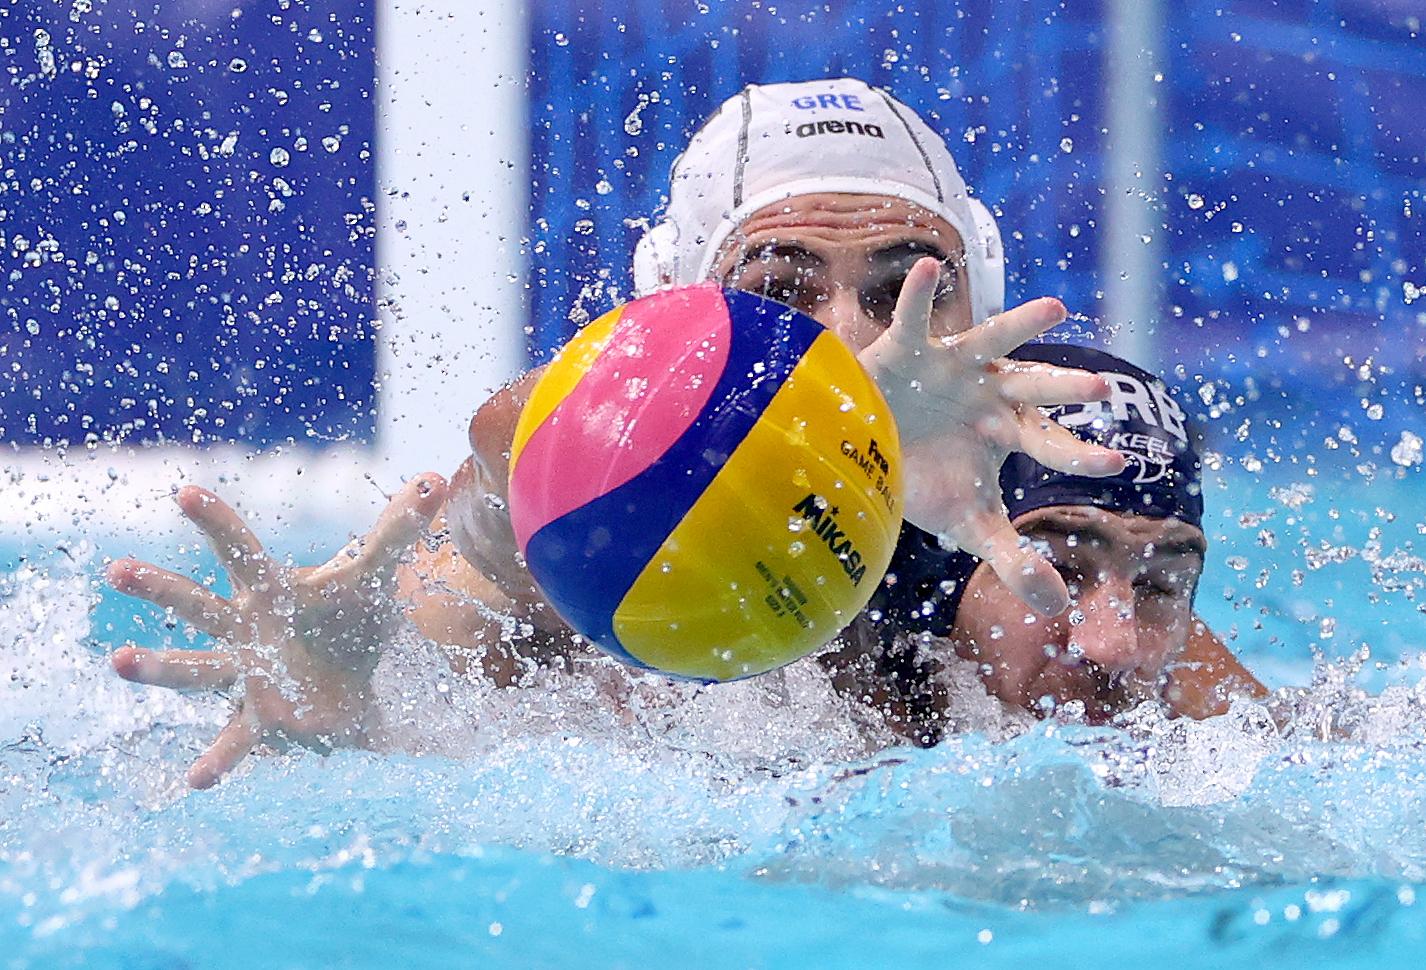 Ελλάδα – Σερβία 10-13 ΤΕΛΙΚΟ στον τελικό του τουρνουά πόλο ανδρών στους Ολυμπιακούς Αγώνες